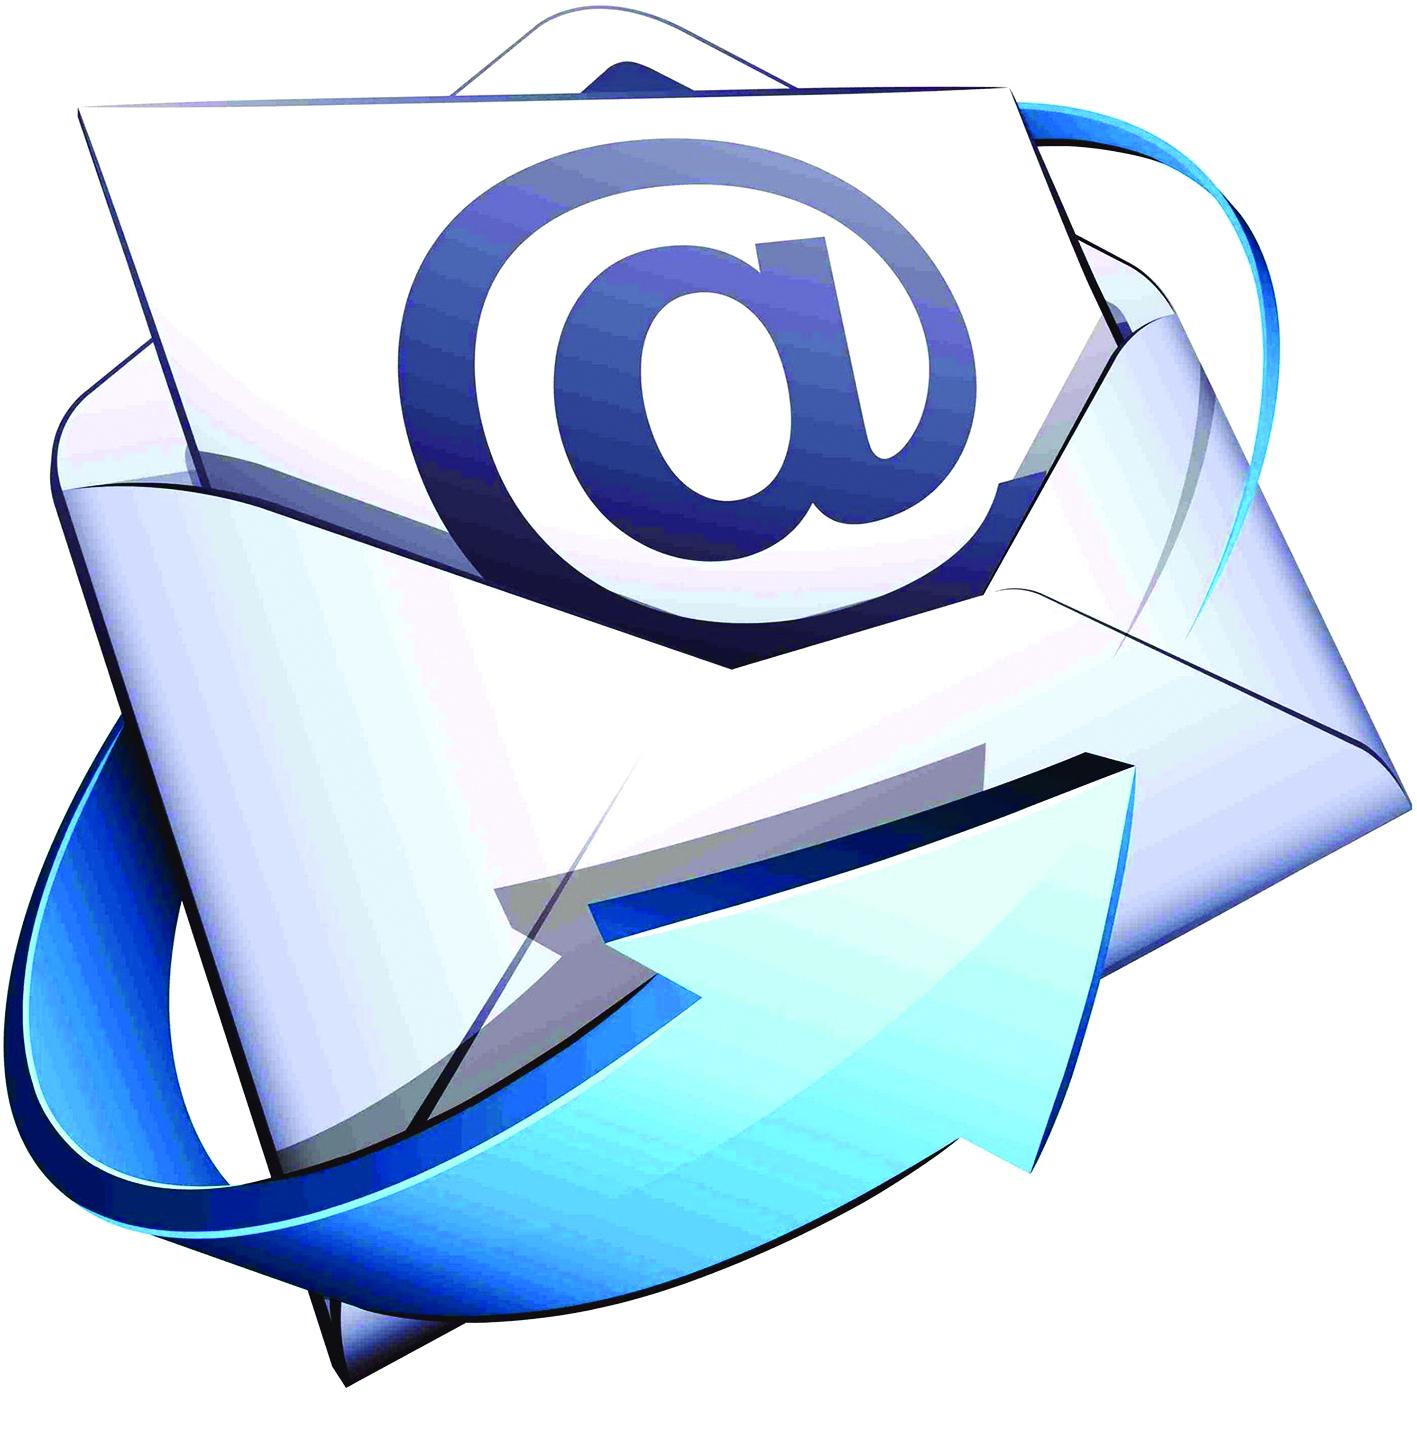 كيف تتخلص من الهجوم الشرس لرسائل البريد الإلكتروني,